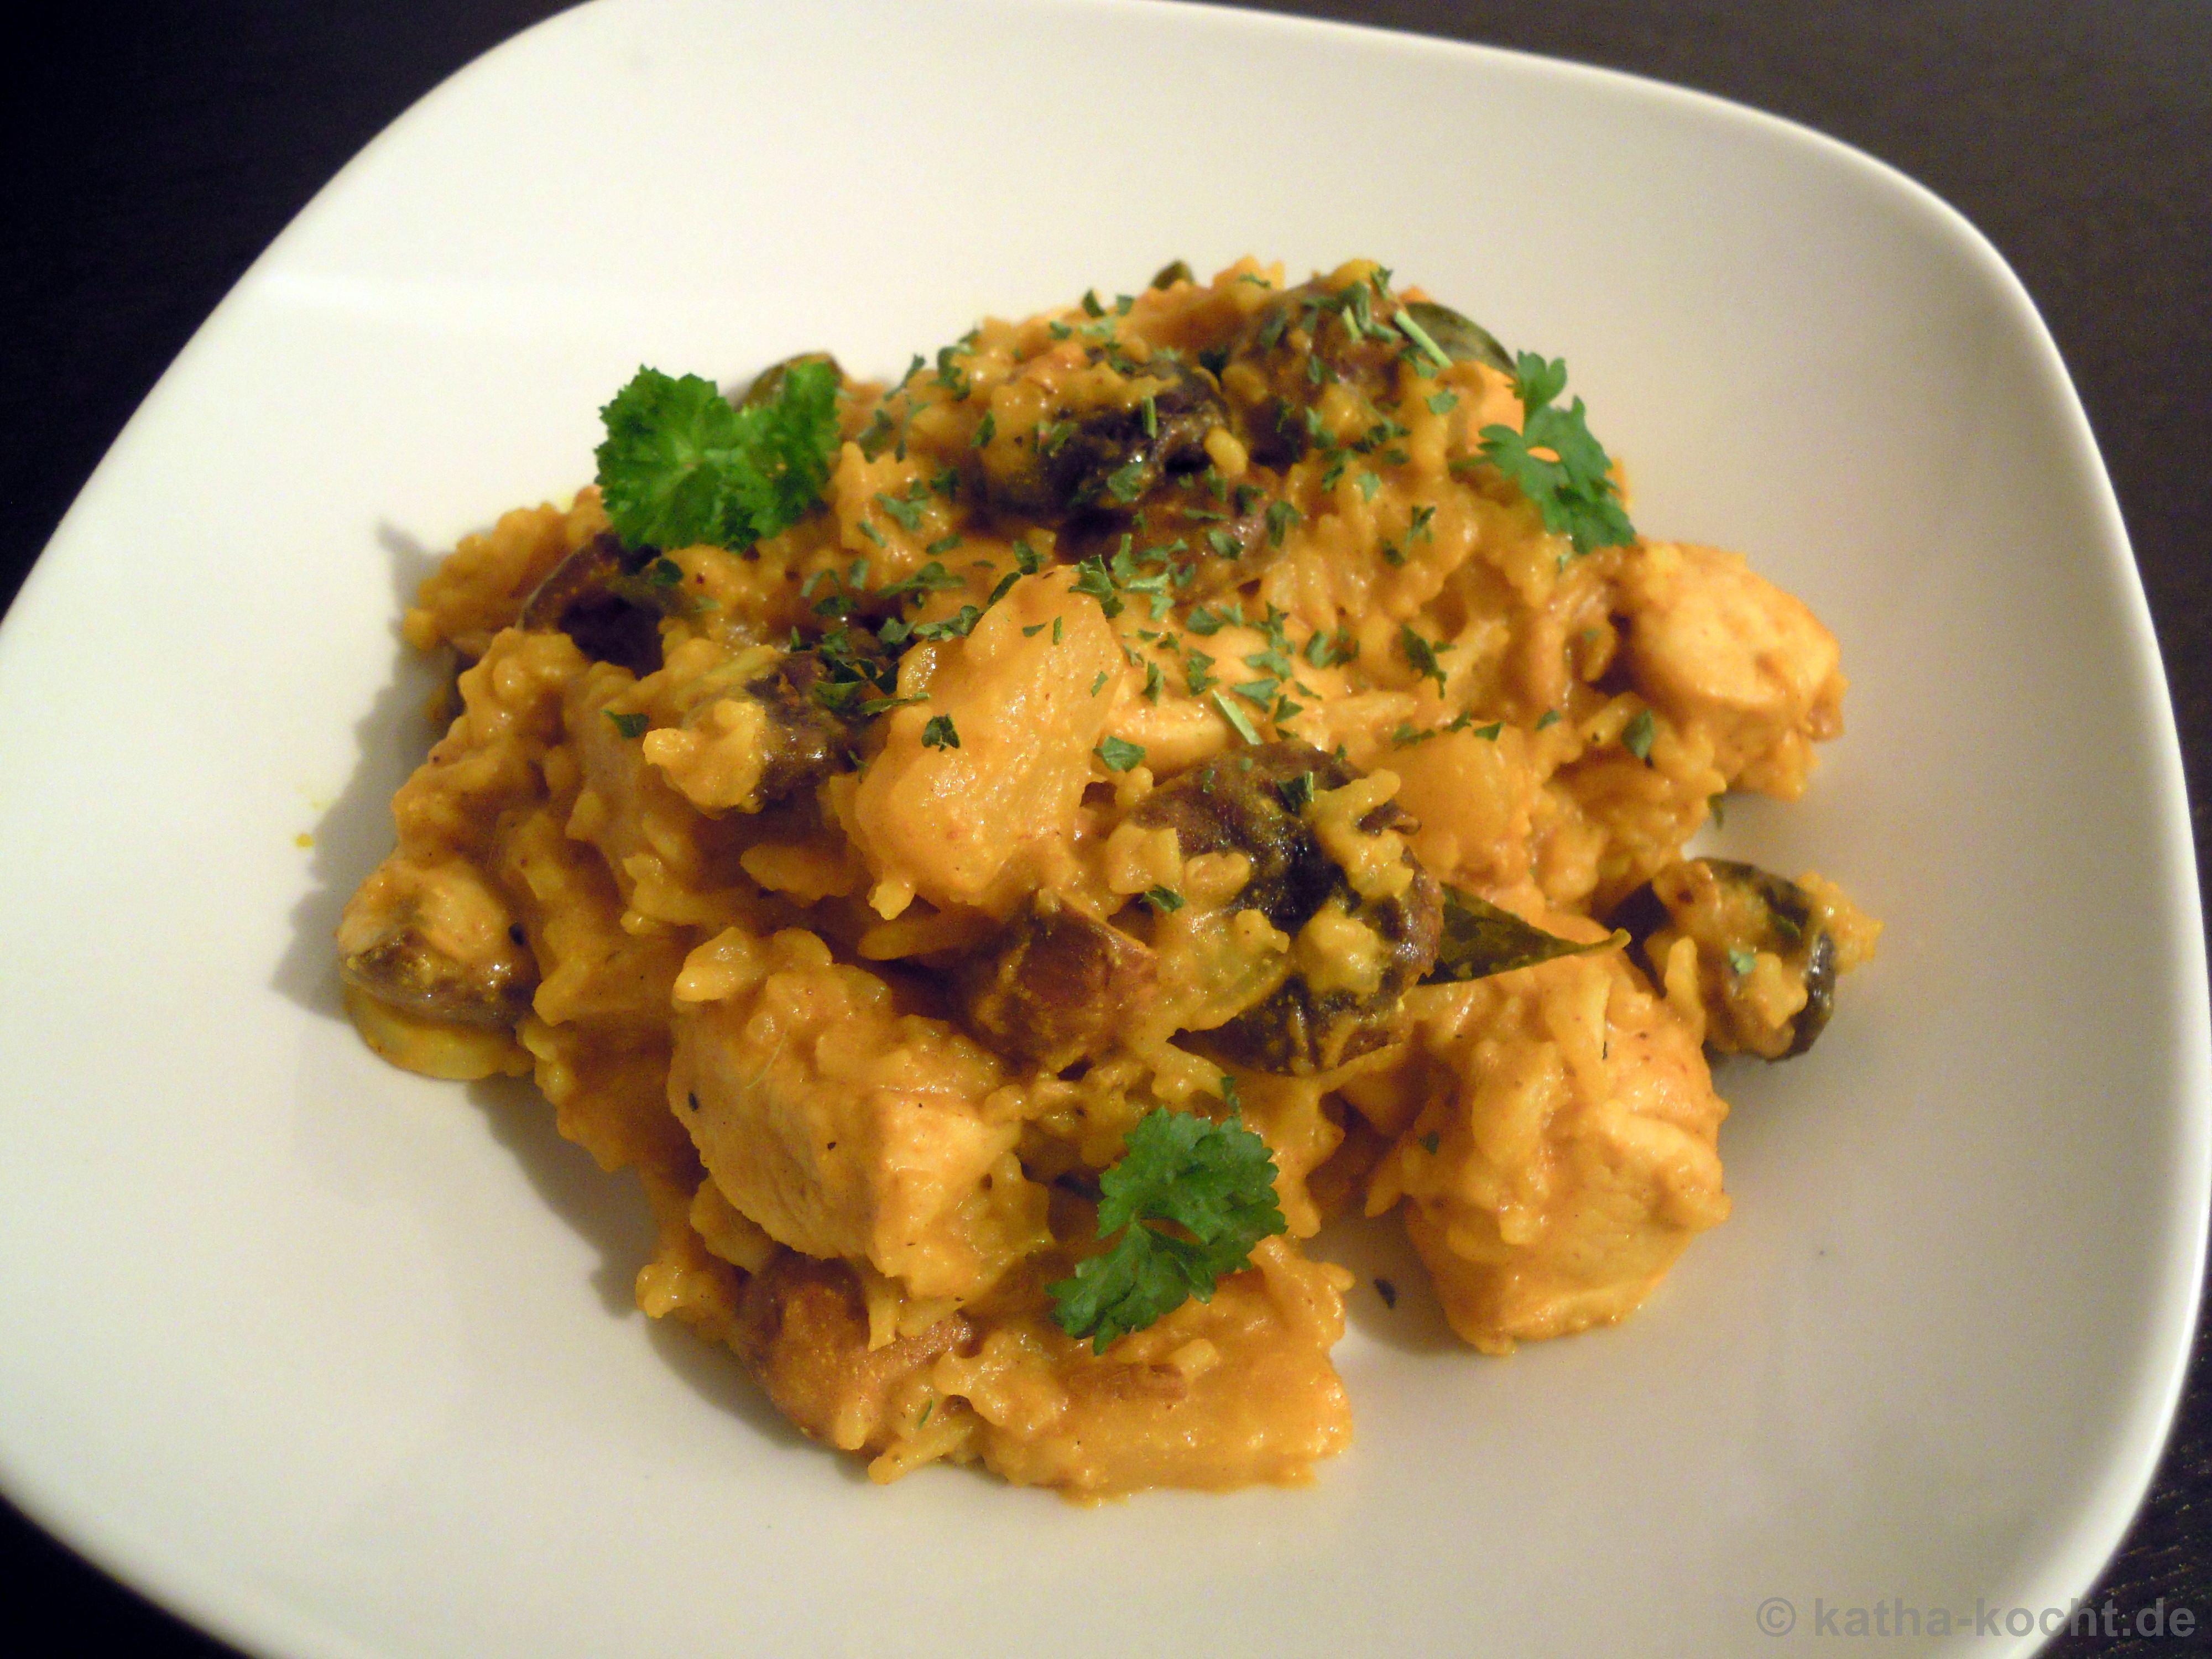 Chicken Curry - Katha-kocht!